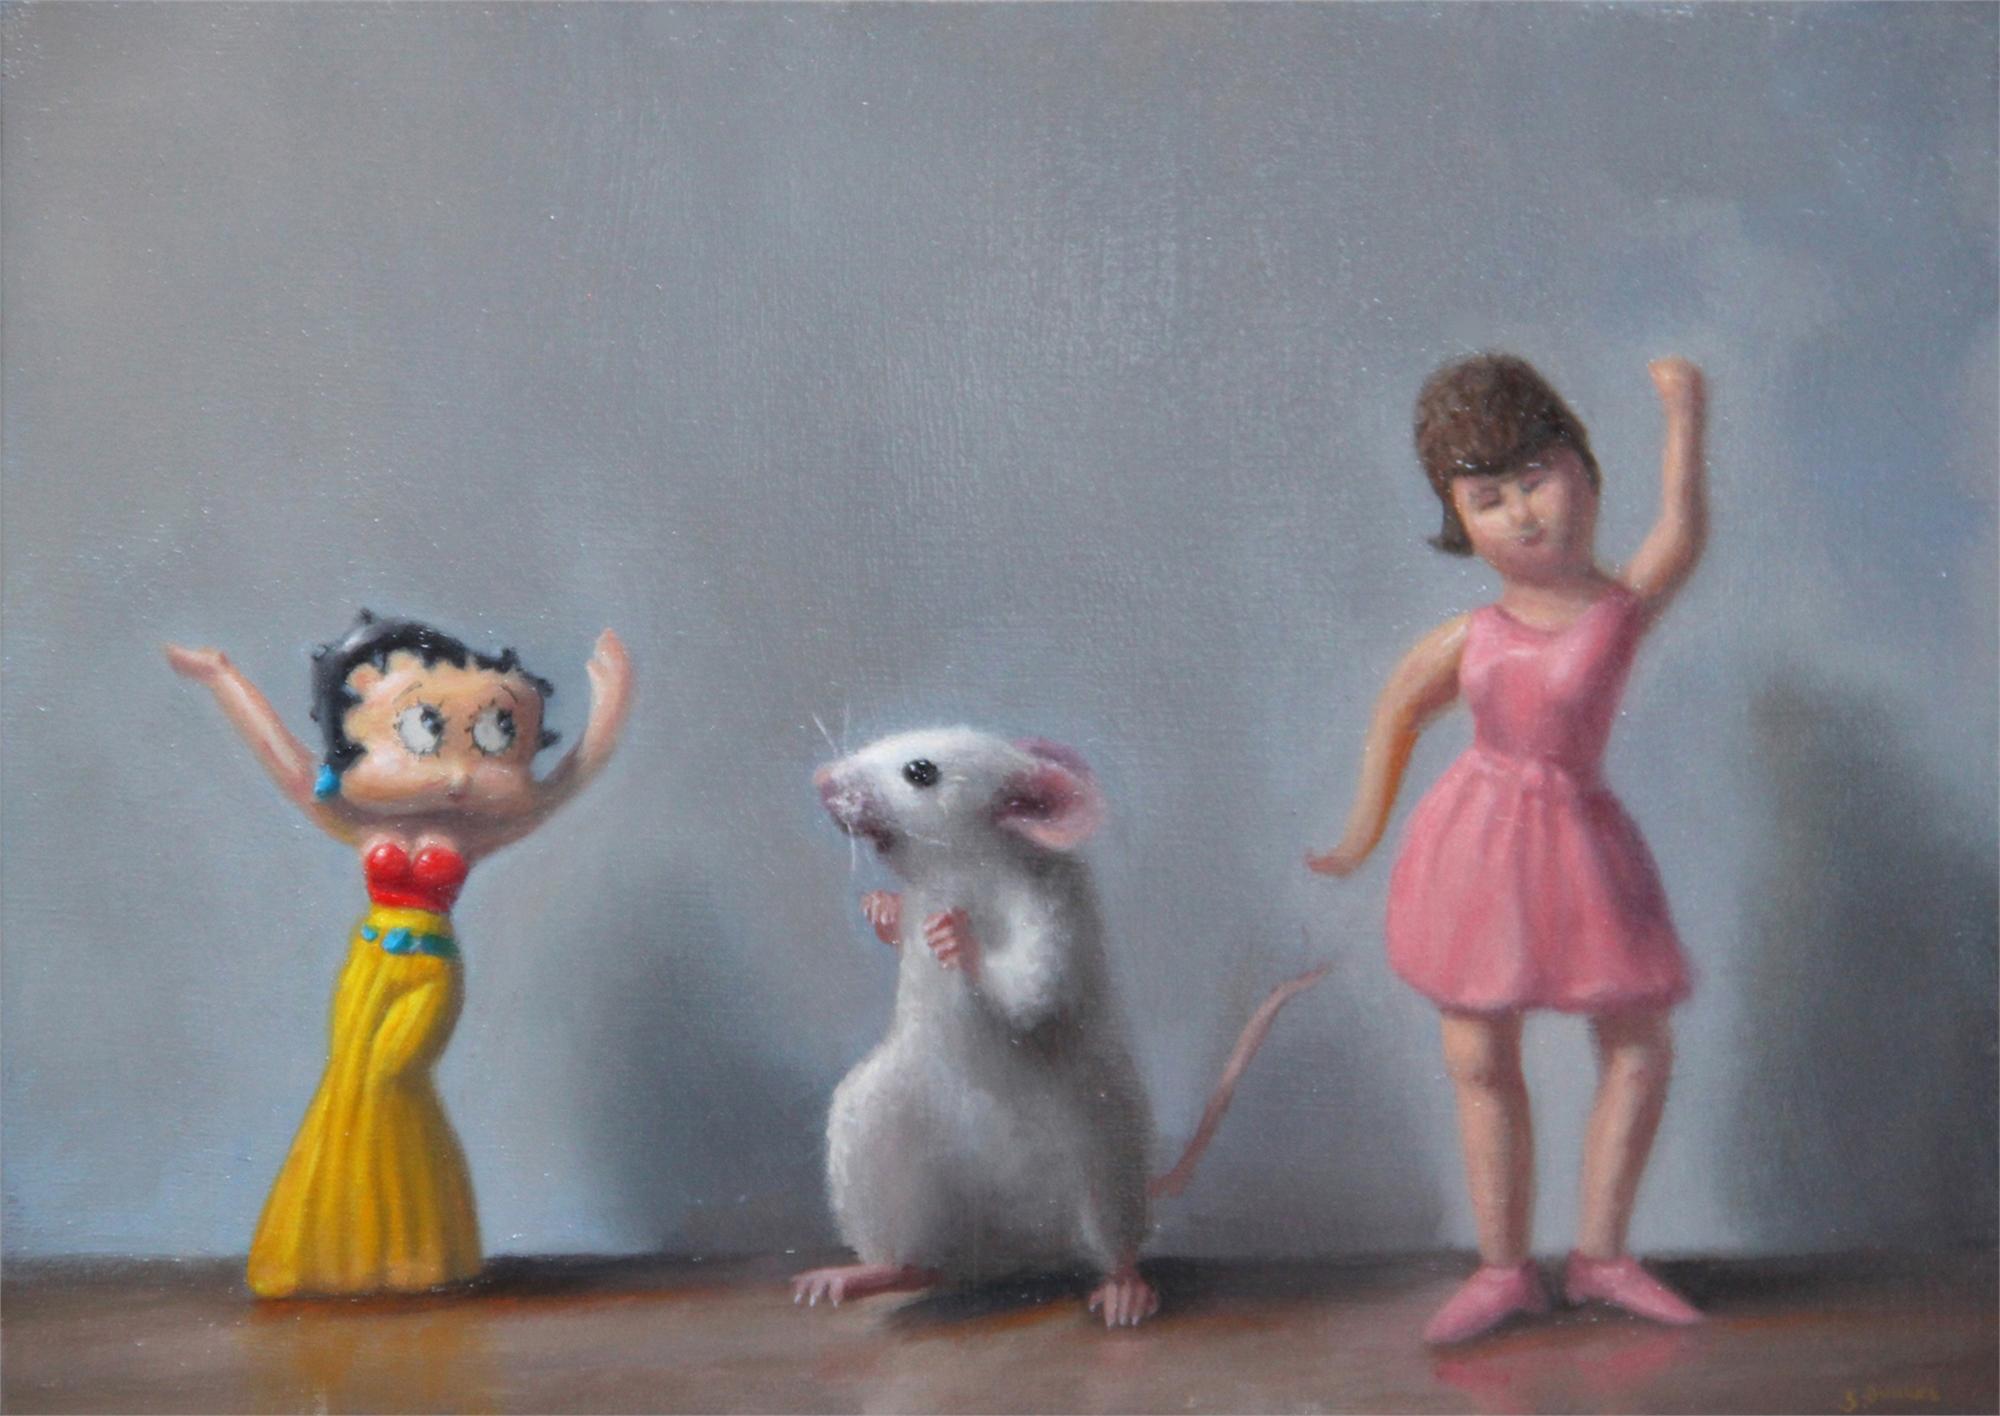 Let's Have a Kiki by Stuart Dunkel